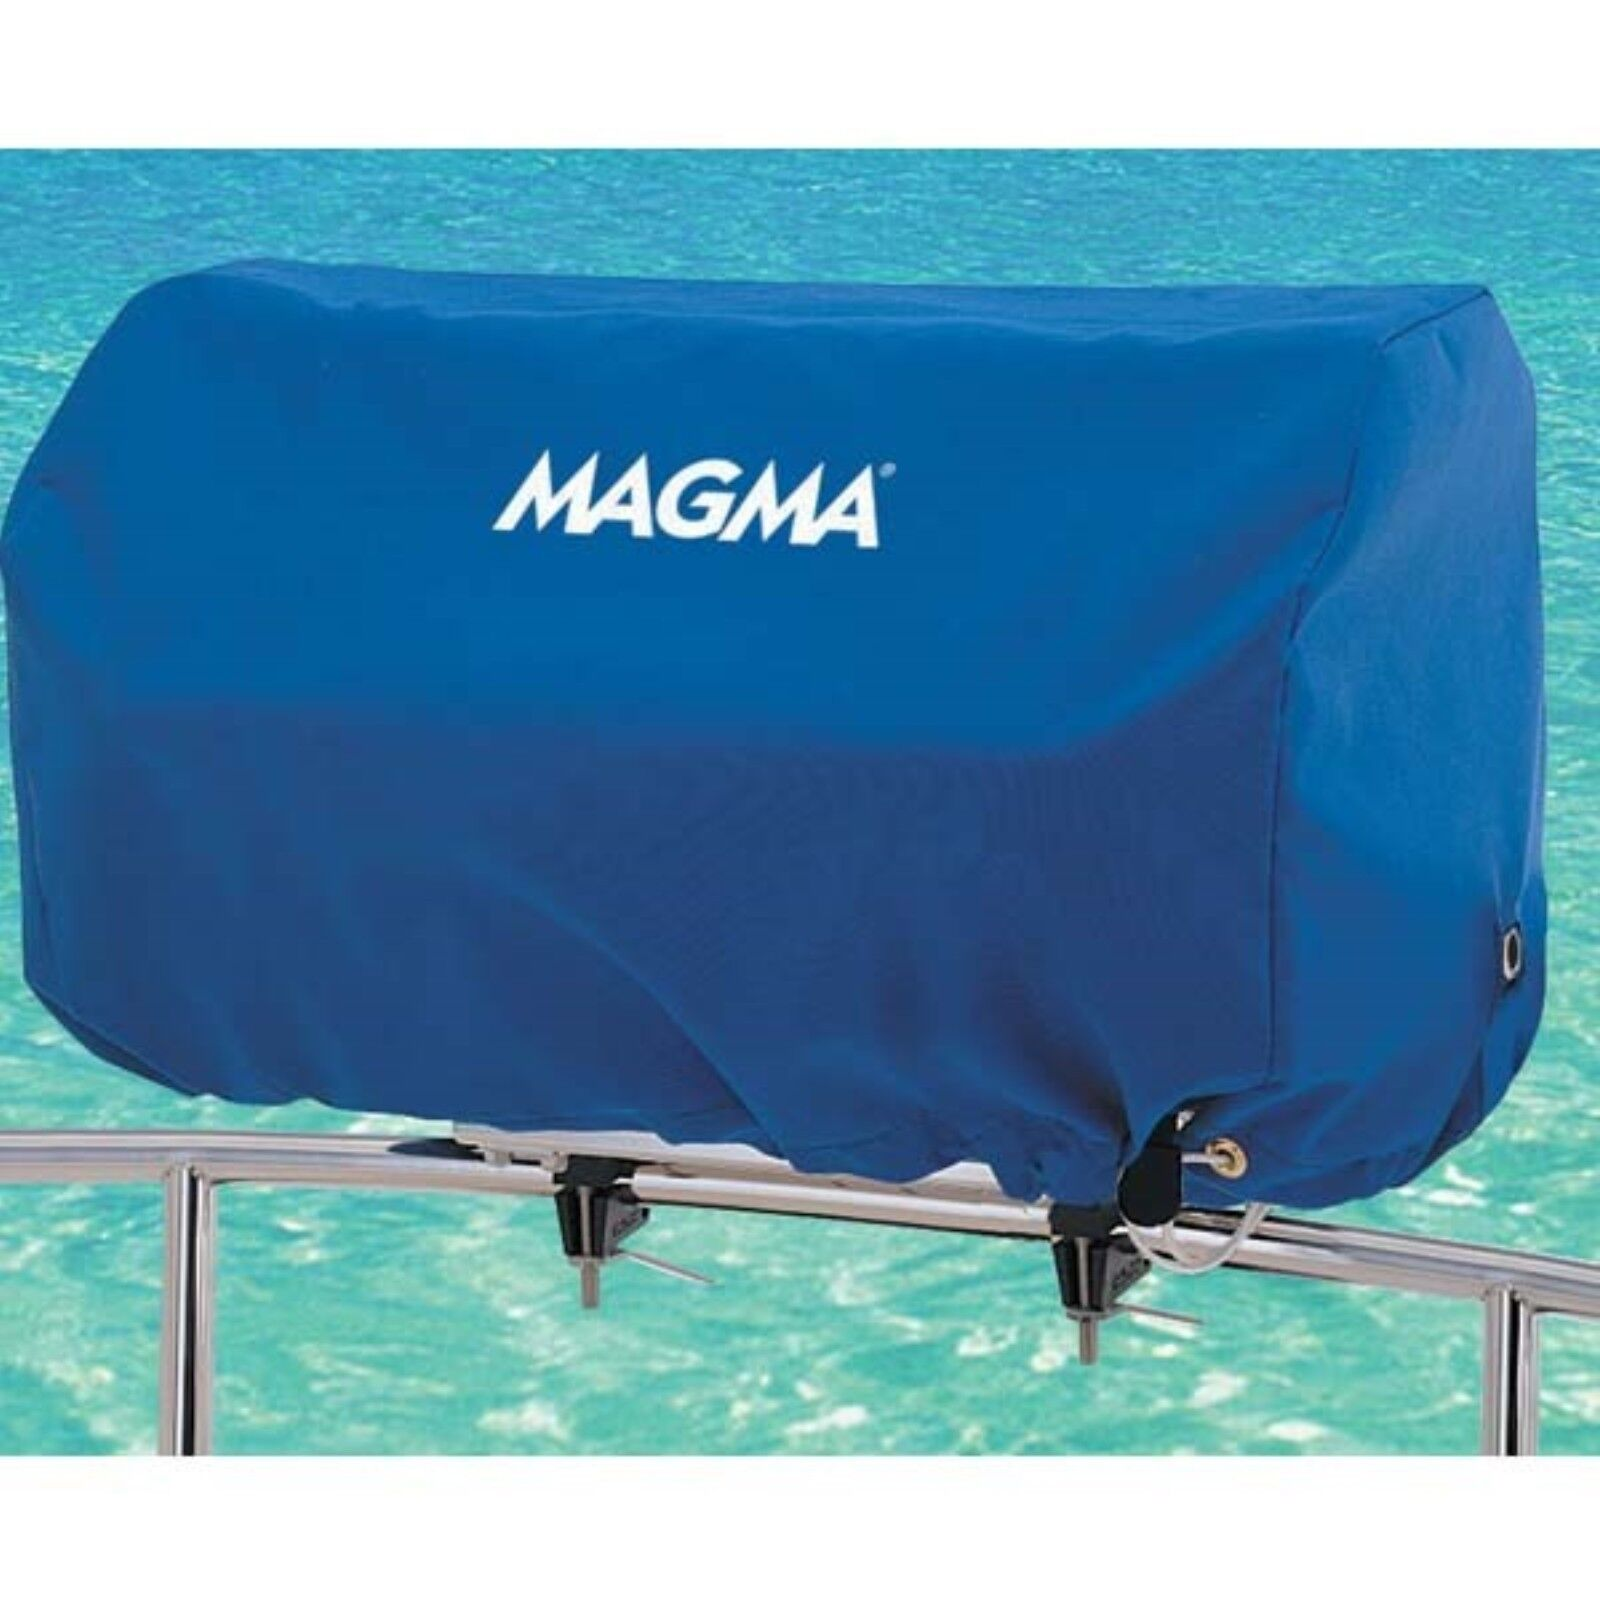 Magma Grills A10-280 Bbq Grill Spatula